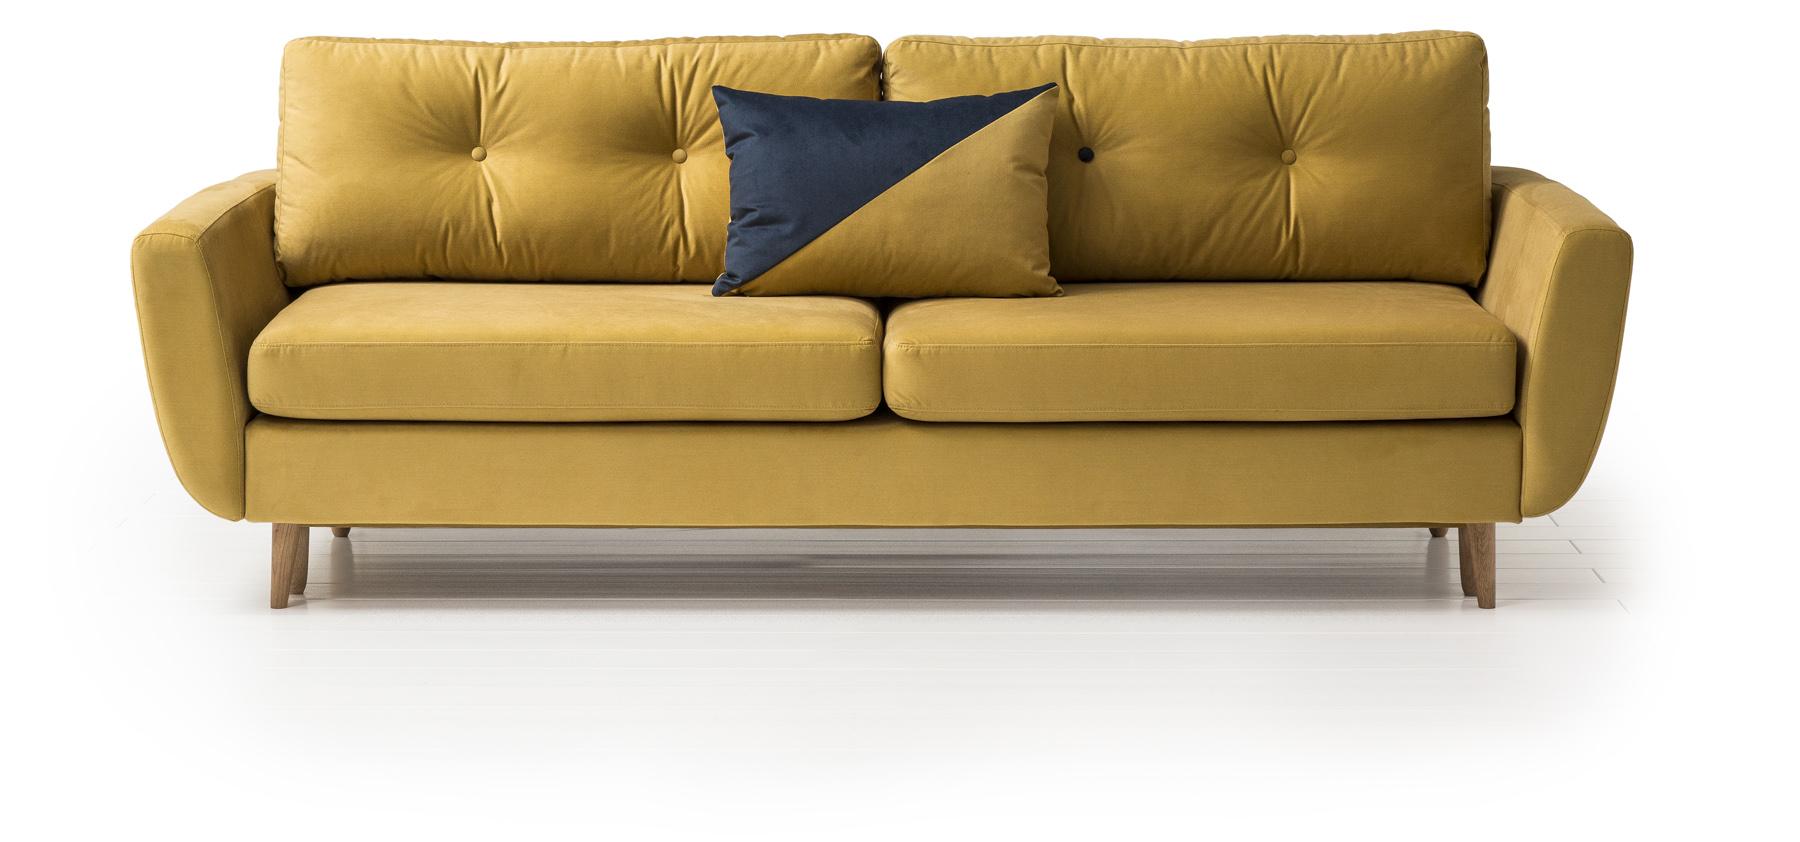 Sofa Harris posiada spory pojemnik na pościel i rozkłada się, tworząc wygodne miejsce do spania. Fot. Agata Meble